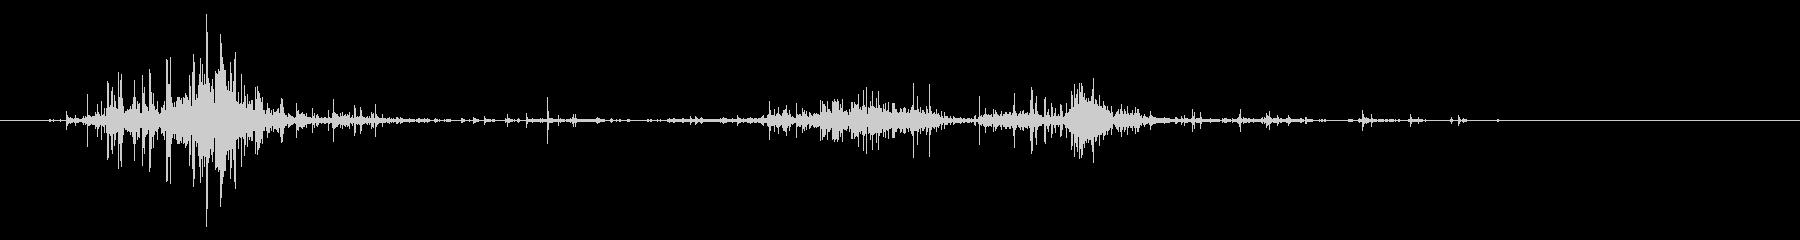 タブレッド菓子出す音・振る音18の未再生の波形